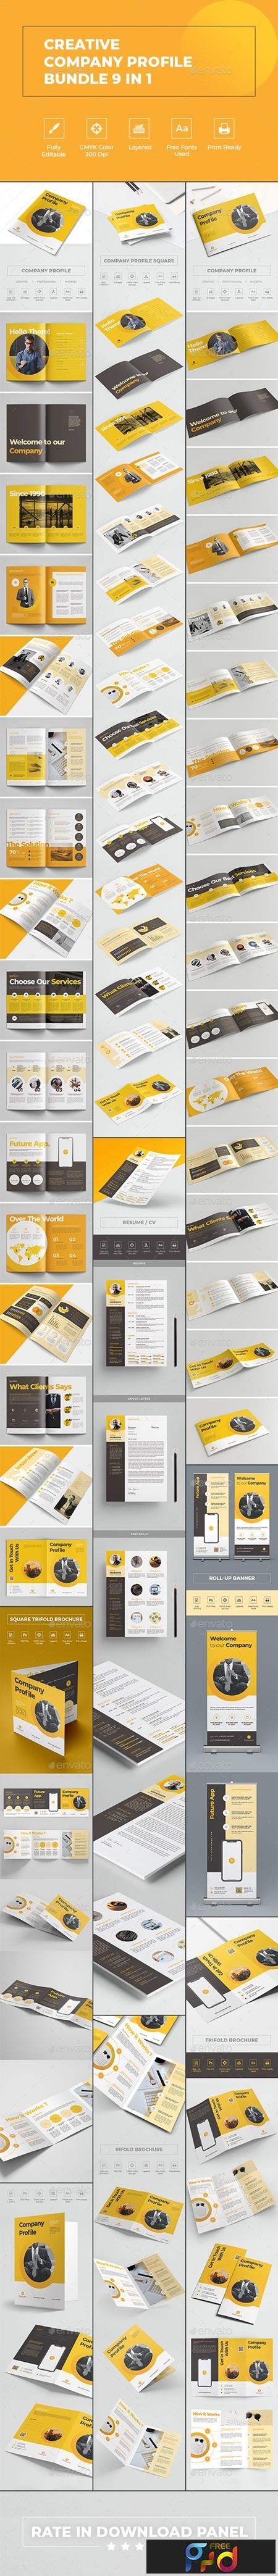 Creative Company Profile Bundle 9 in 1 23702556 1